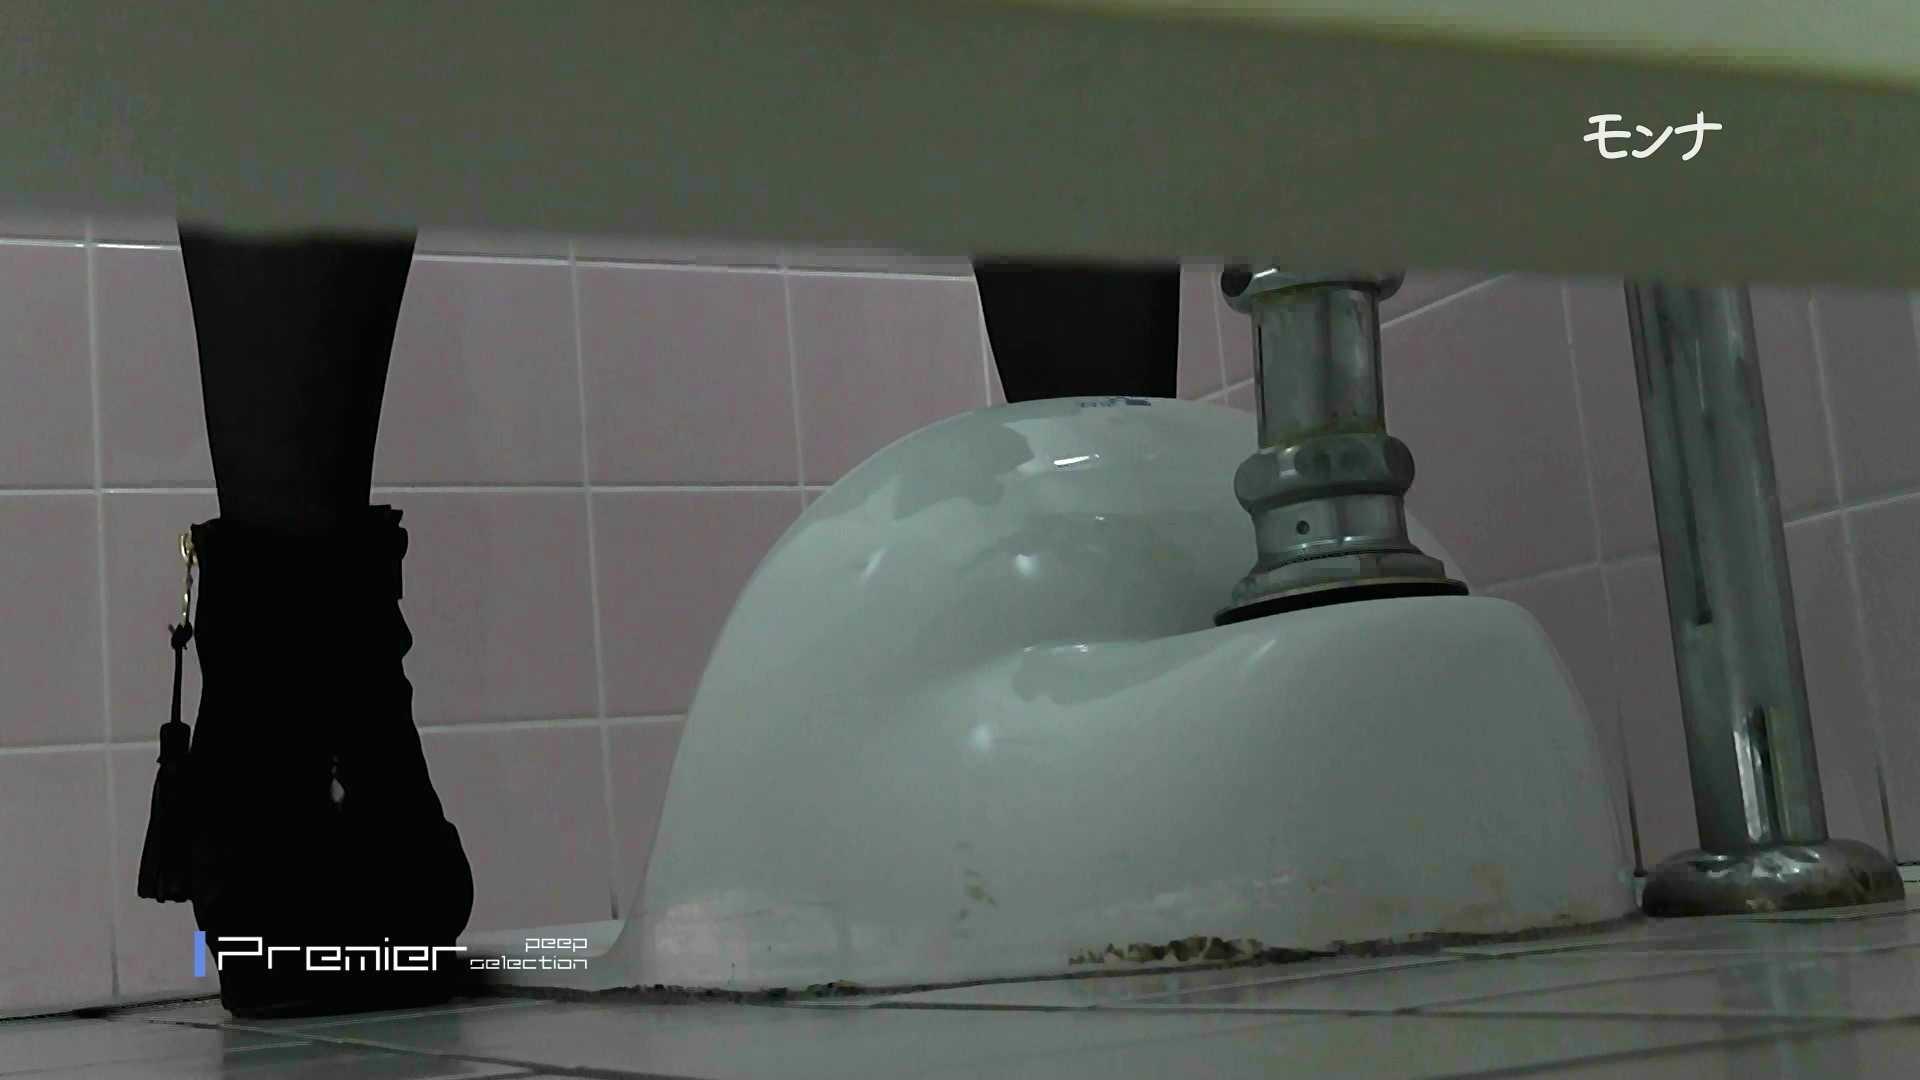 ハメ撮り|遂に!!戸田恵梨香似の予告モデル登場ダッシュで「大」|怪盗ジョーカー